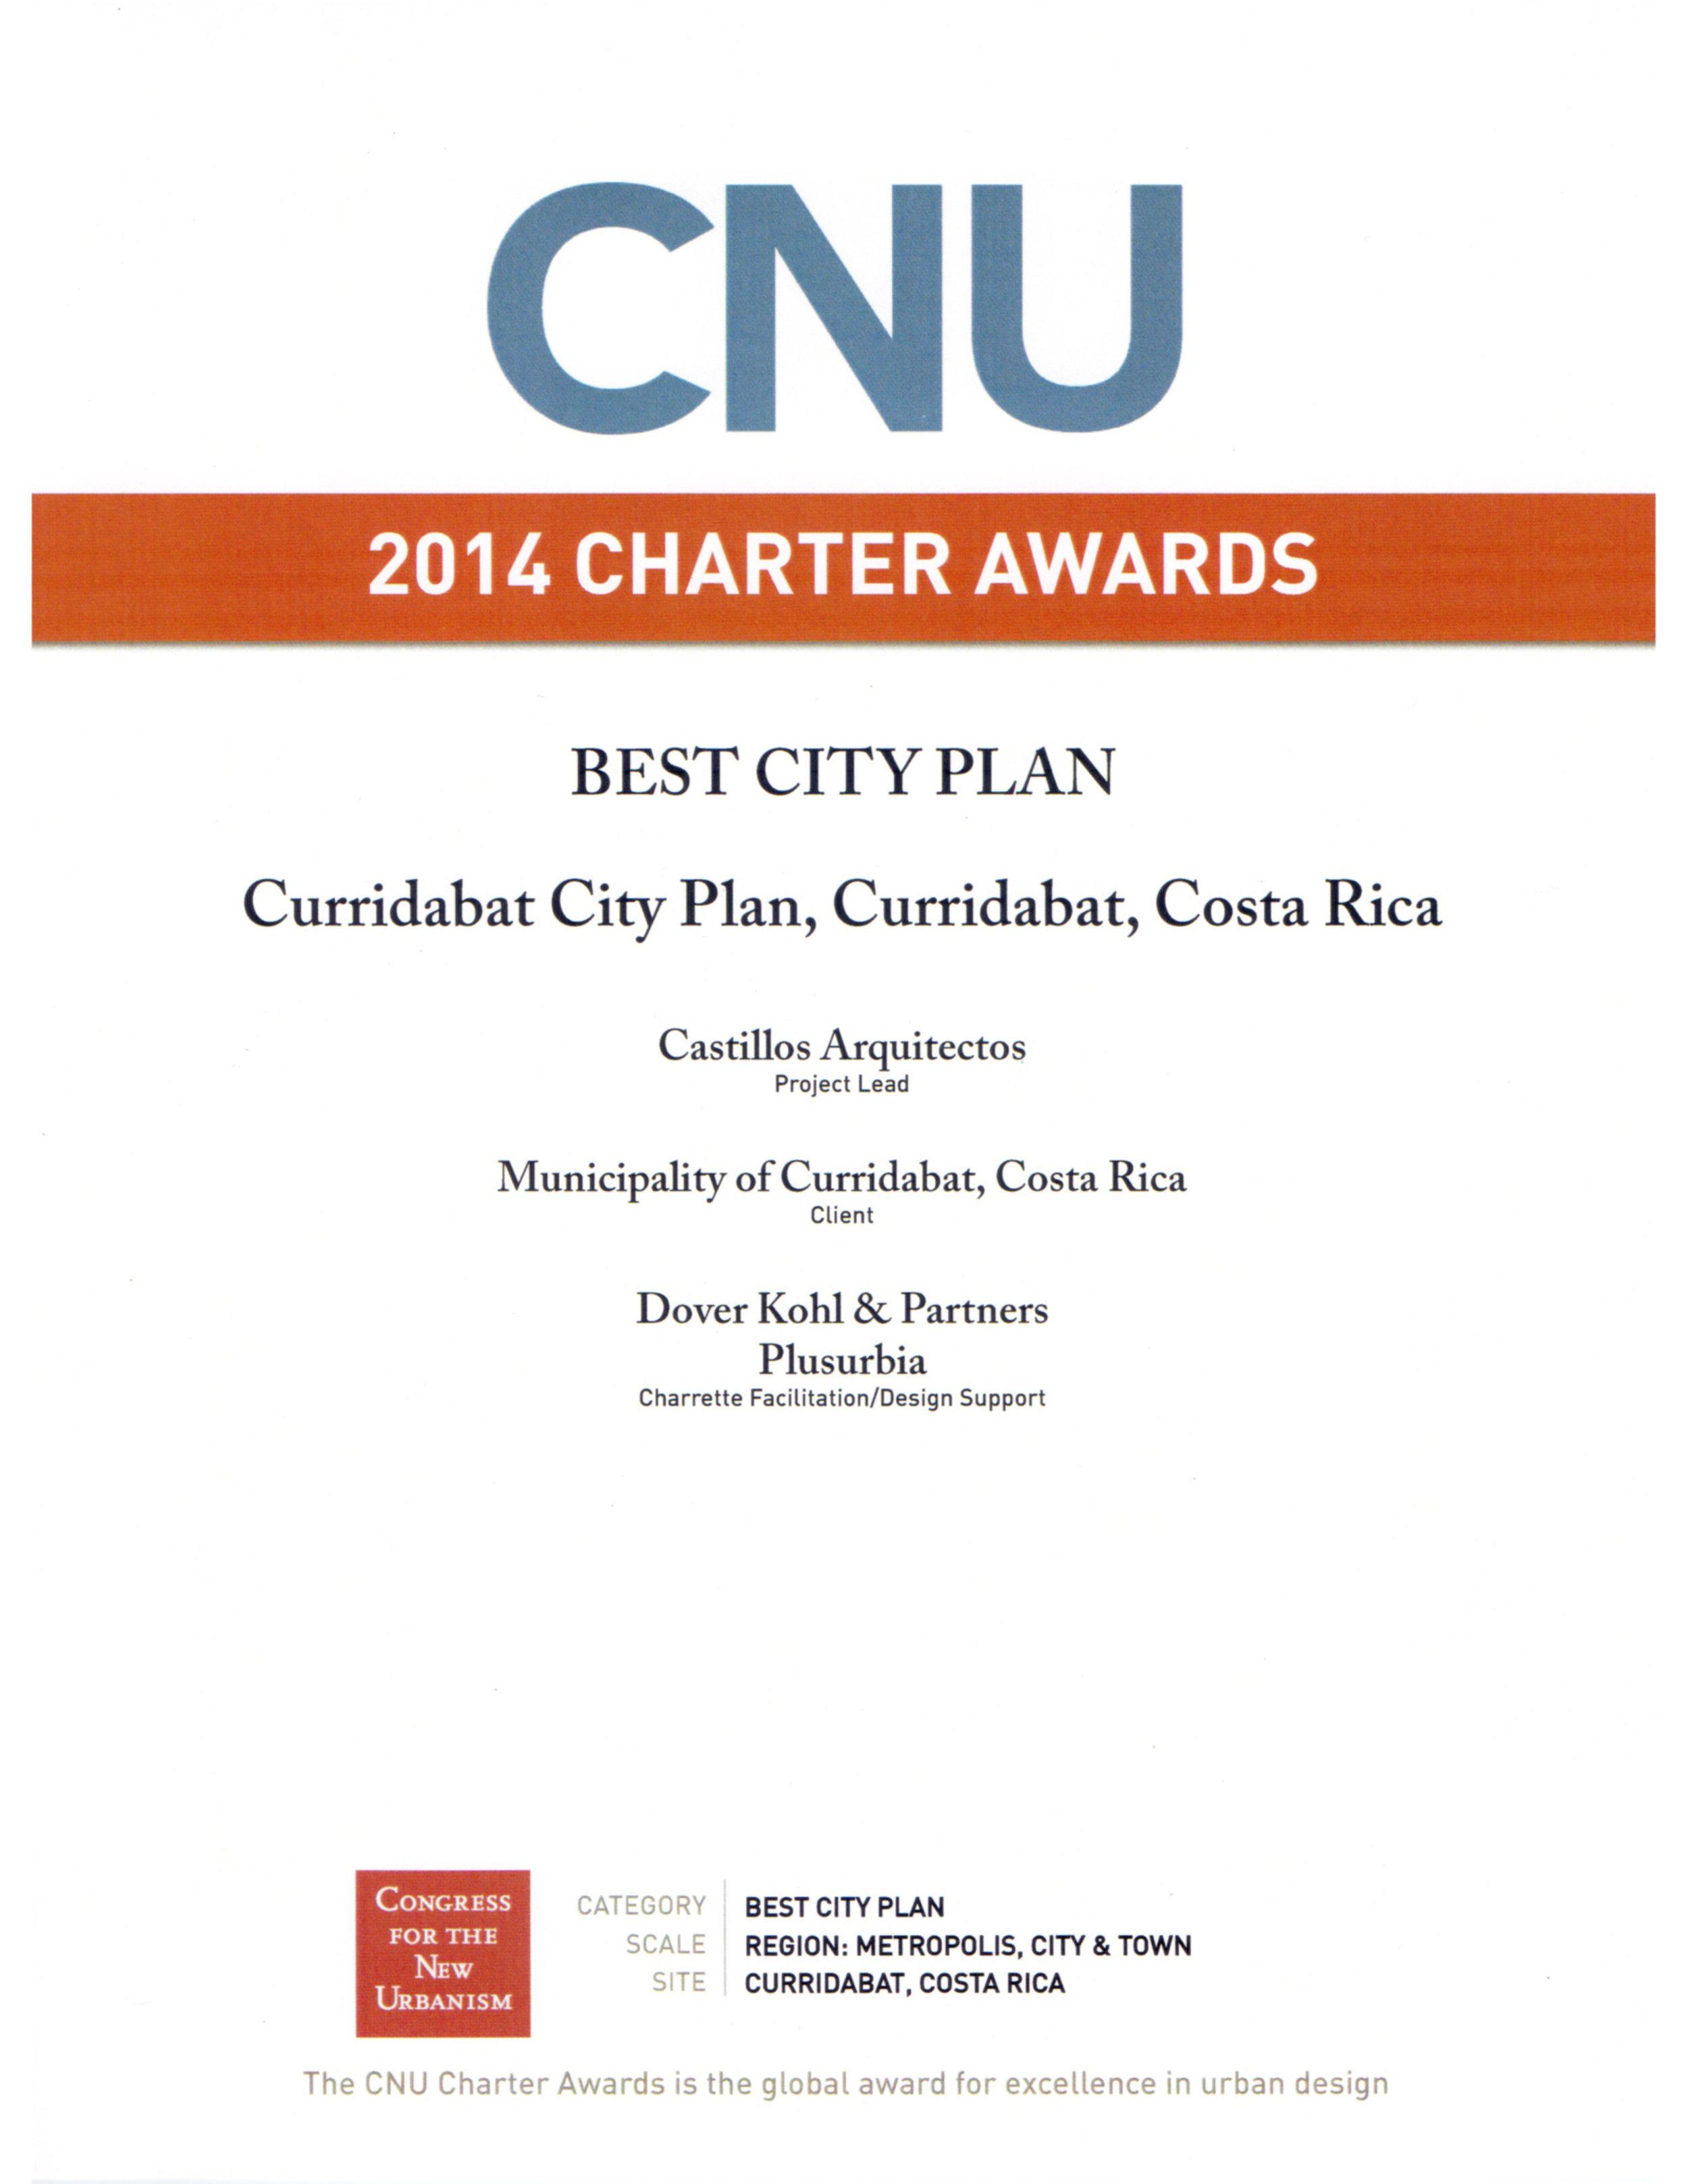 CNU -CHARTER AWARDS - Diploma recibido departe del CNU durante la ceremonia llevada a cabo en Buffalo, NY, durante el Congreso para el Nuevo Urbanismo, 2014.